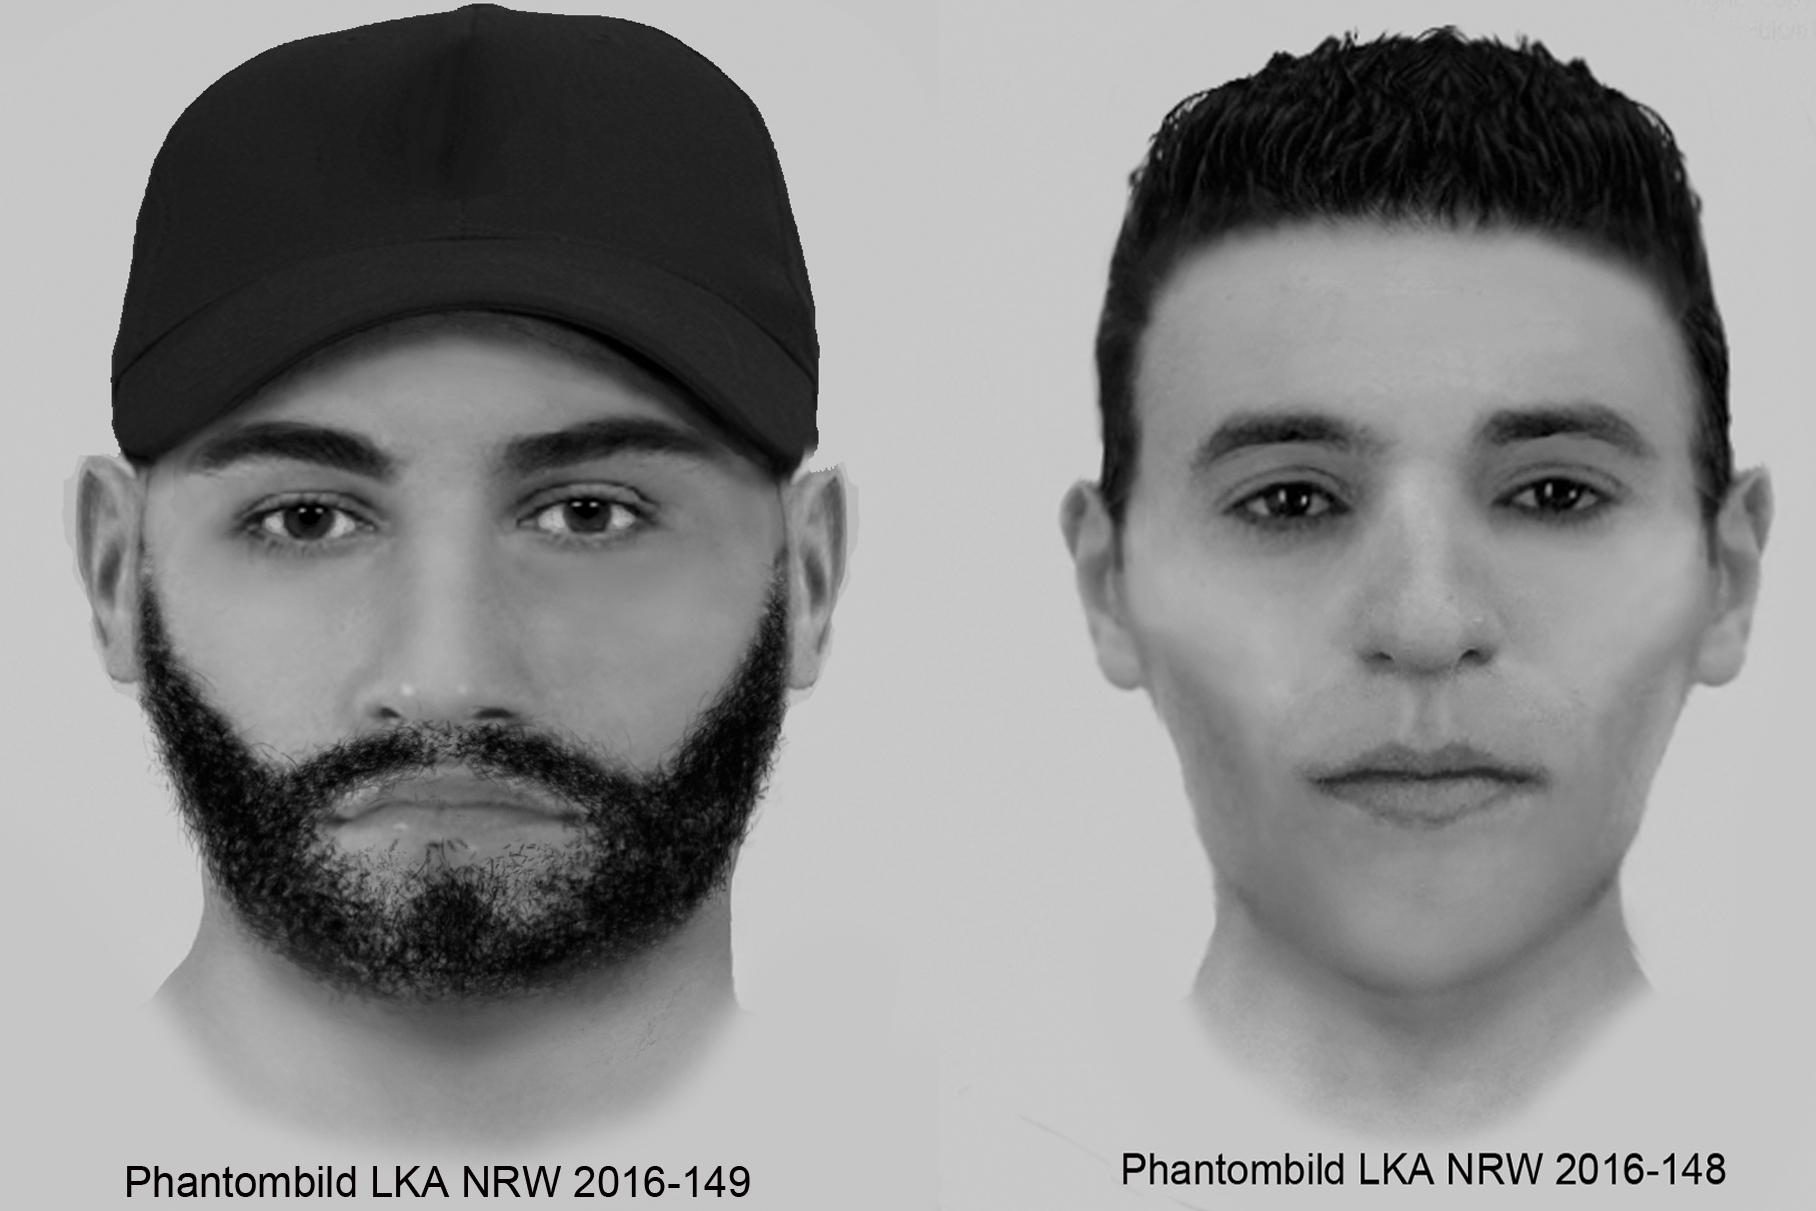 Phantombilder der Tatverdächtigen veröffentlicht (Foto: LKA NRW)